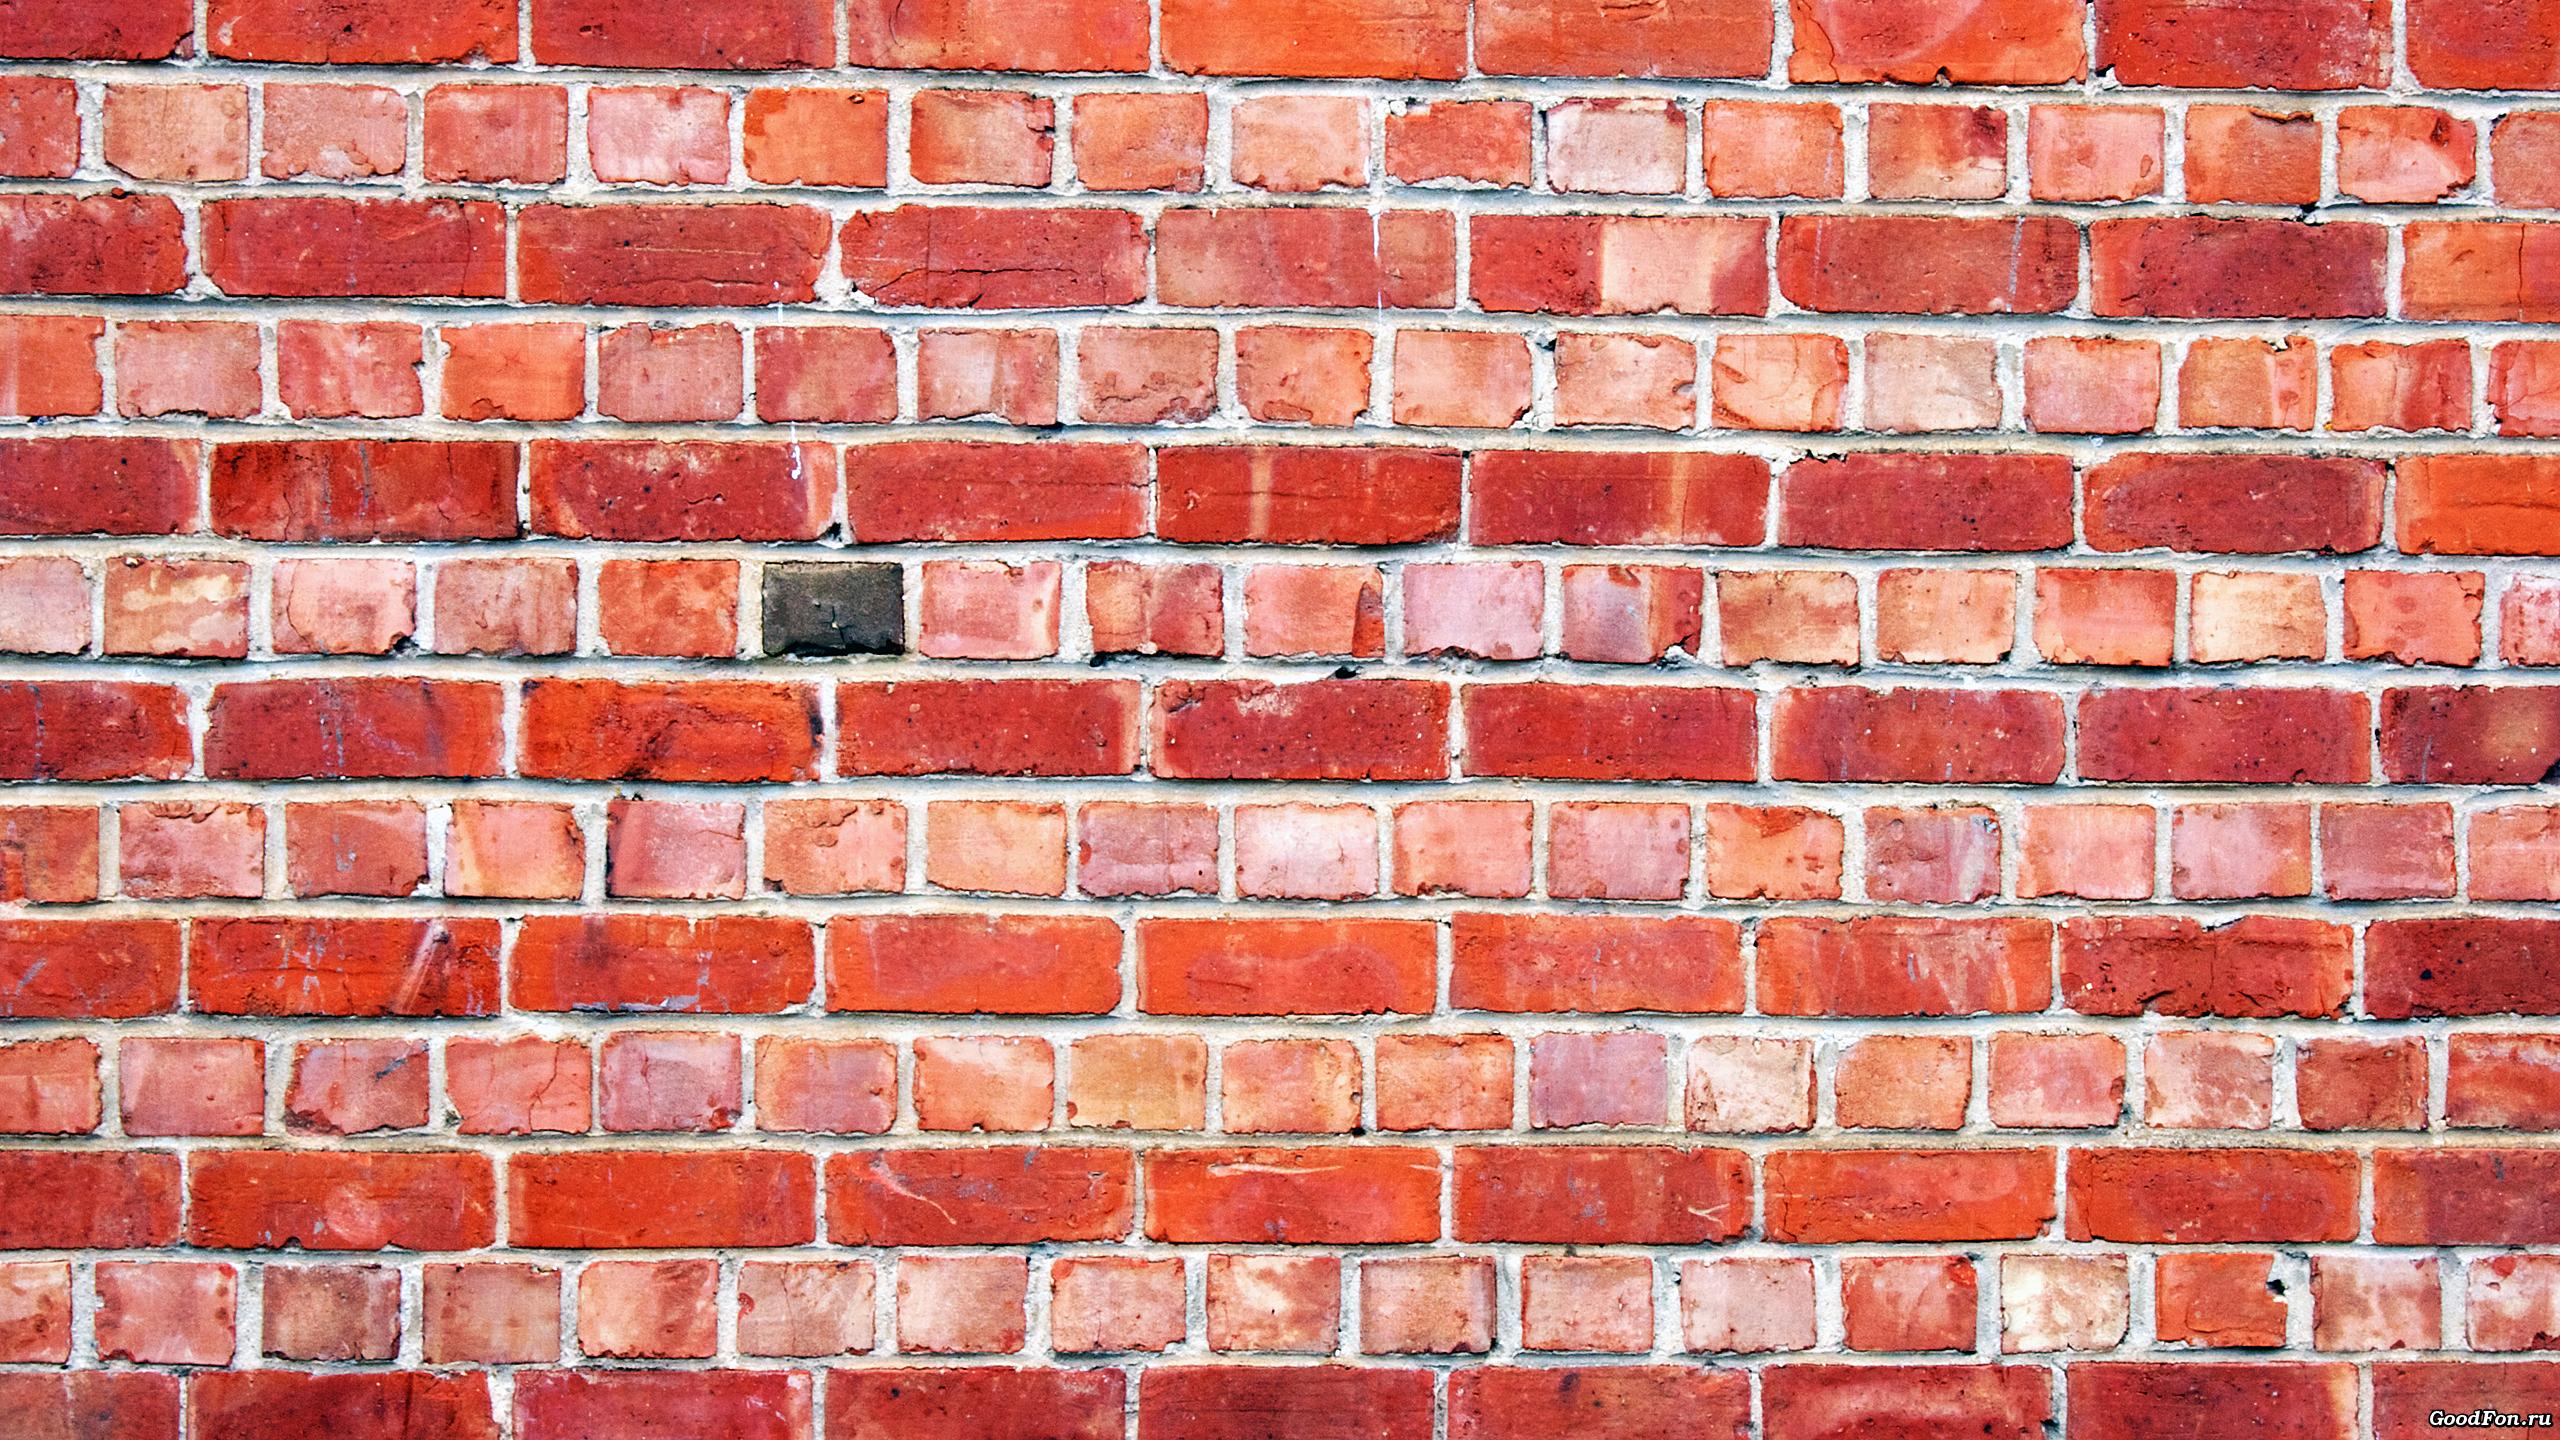 стена кирпичи без смс